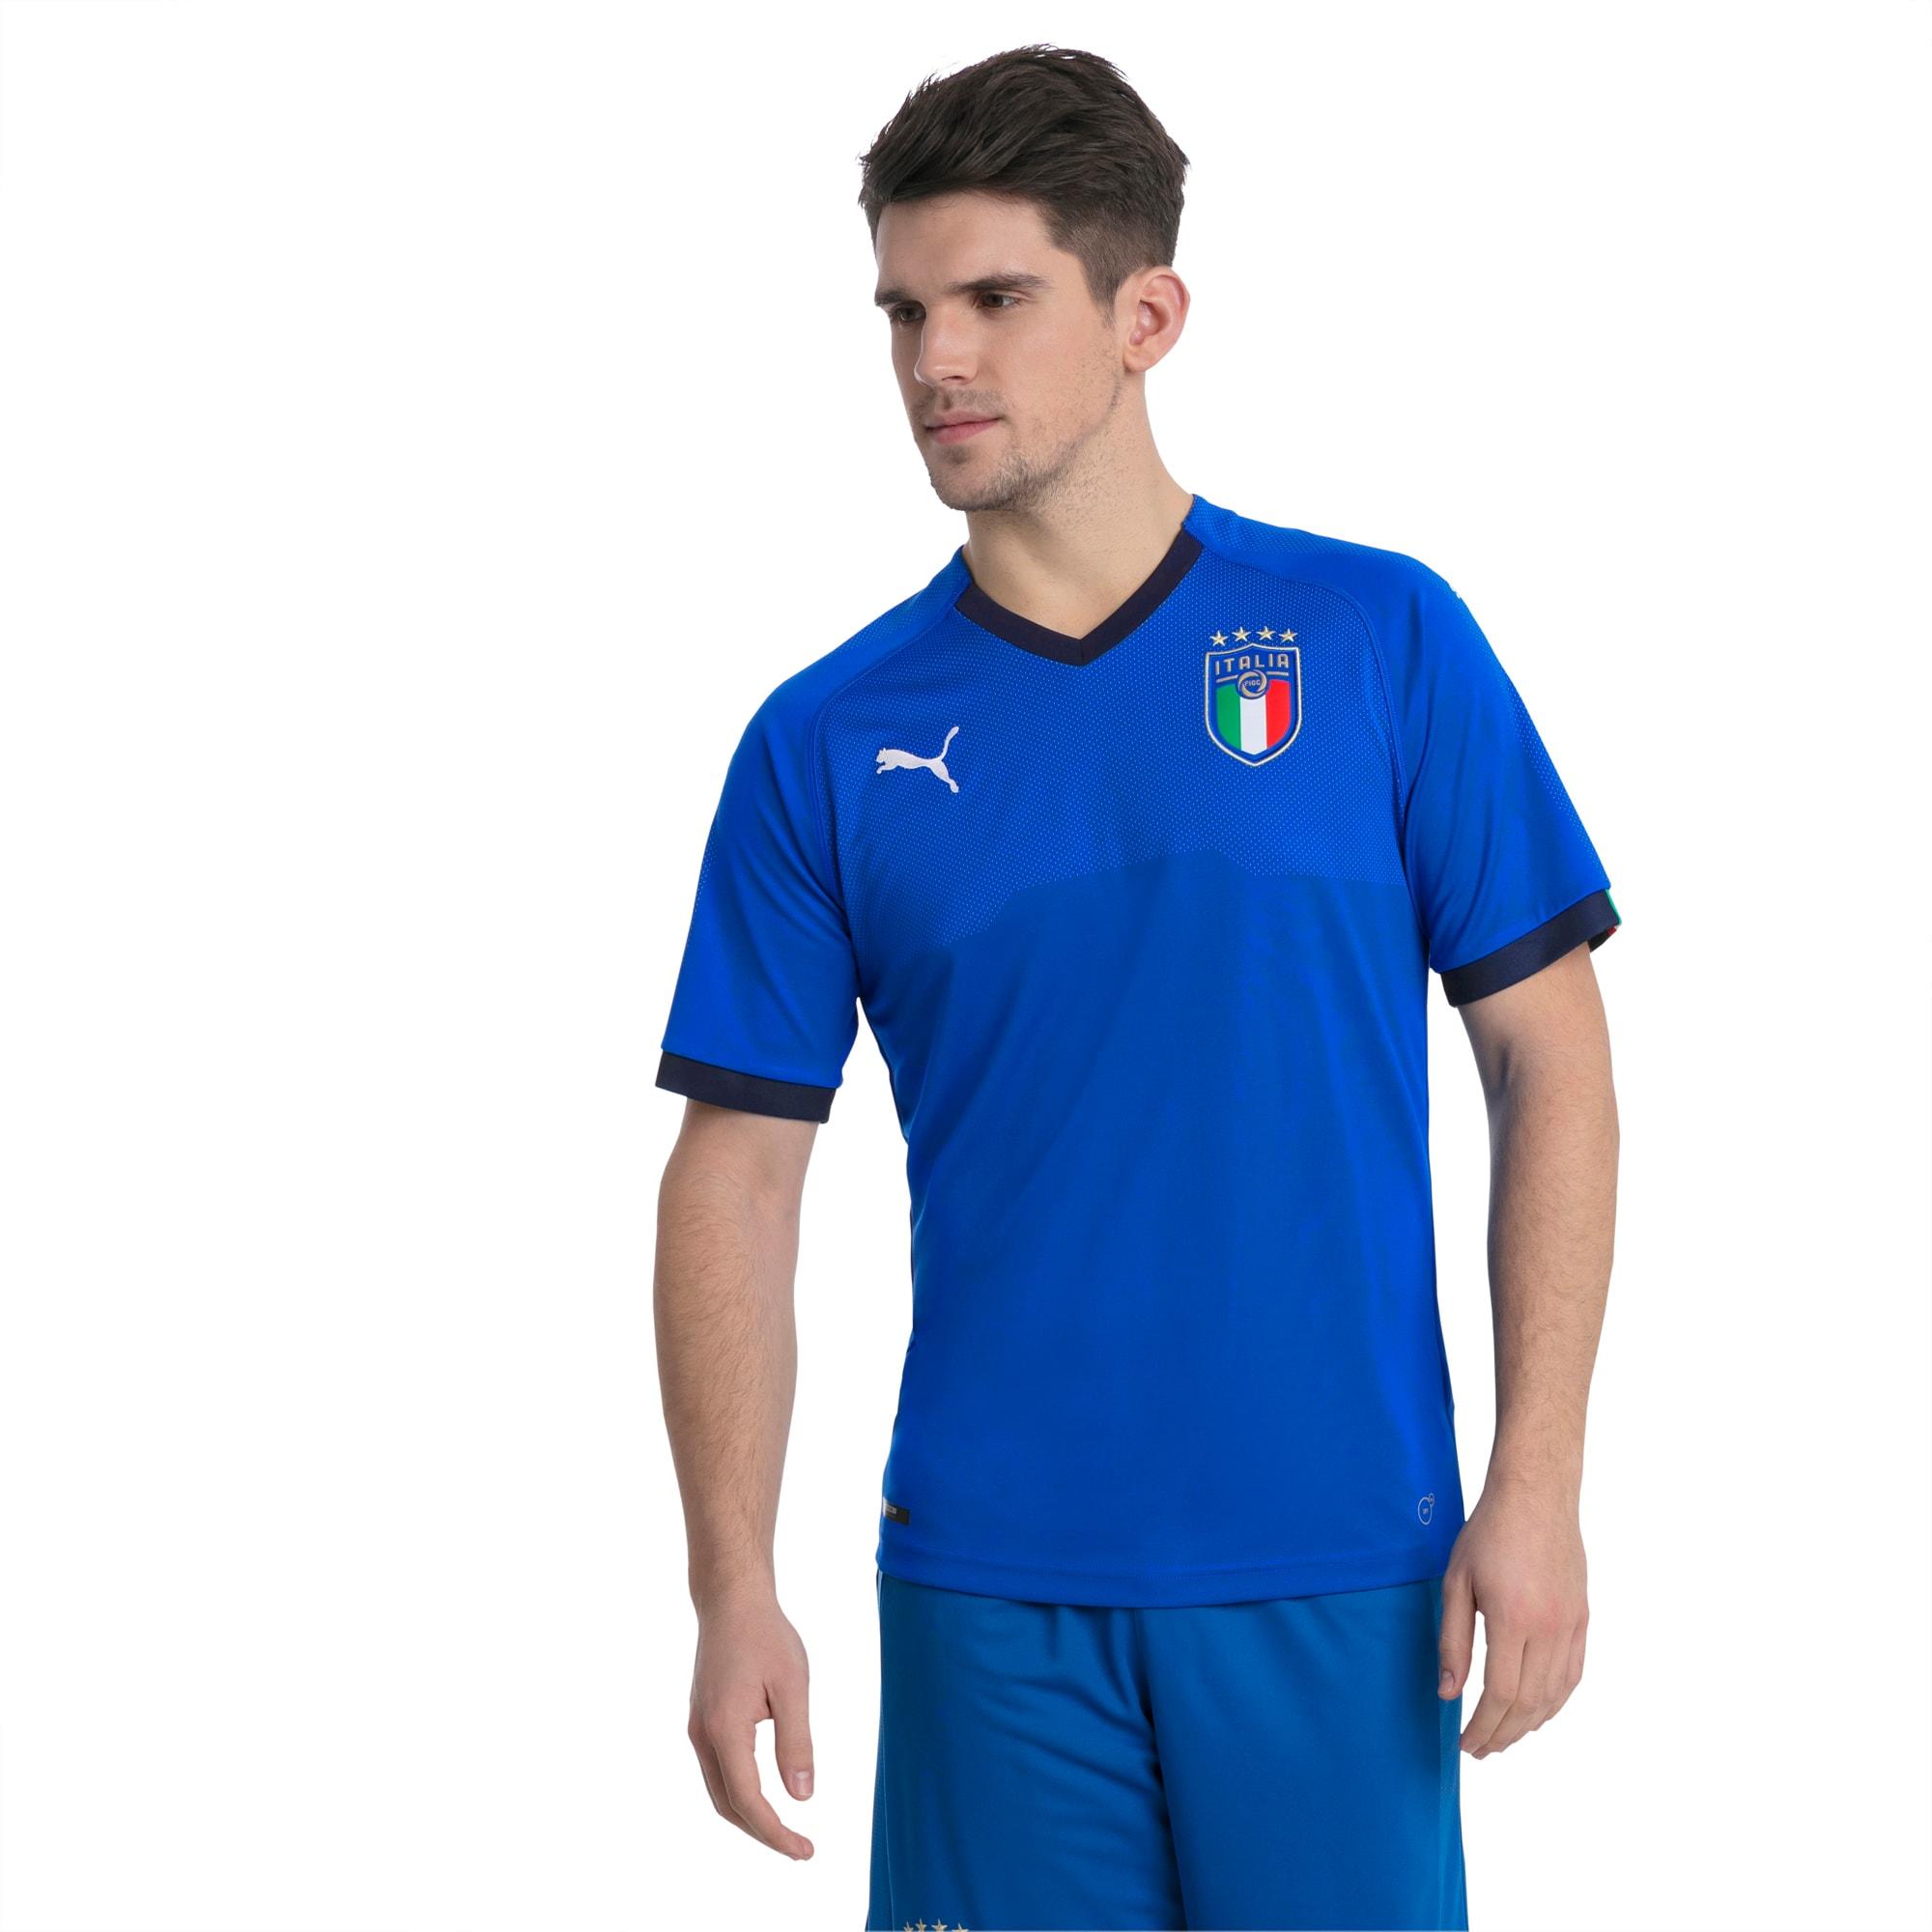 maillot domicile replica italia pour homme, bleu, taille s, vêtements